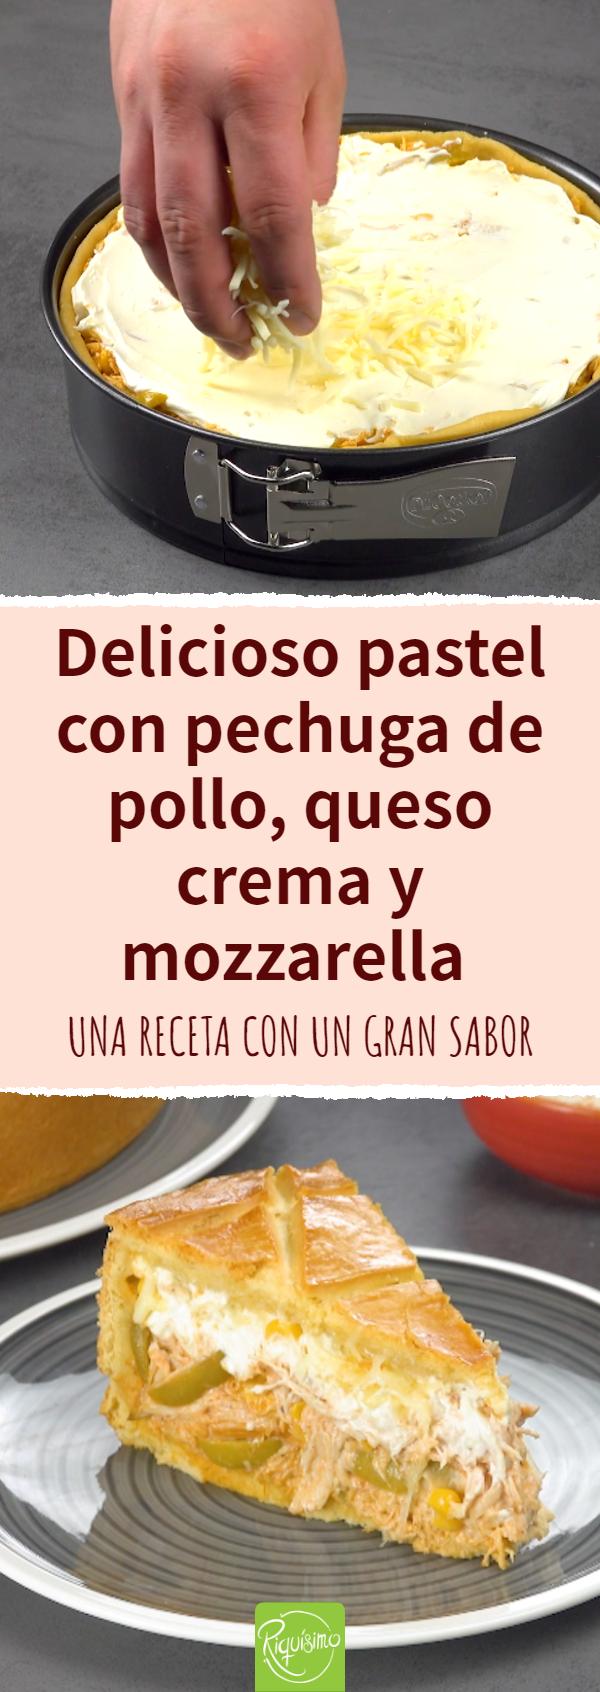 Delicioso Pastel Con Pechuga De Pollo Queso Crema Y Mozzarella Recetas De Comida Fáciles Recetas De Comida Recetas Con Verduras Comida